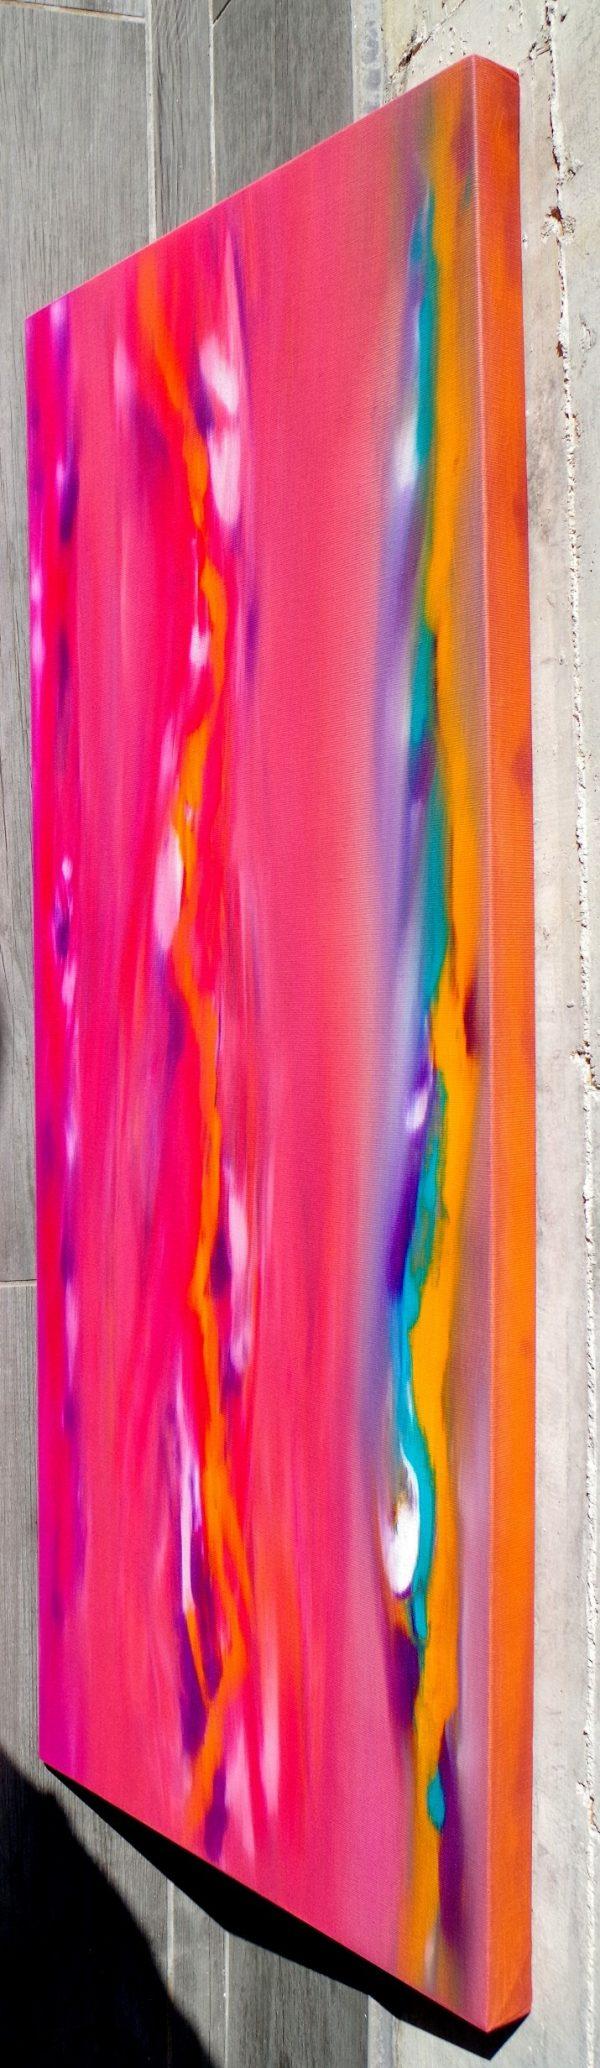 Sunset anomaly II 100x40 quadro astratto in vendita online